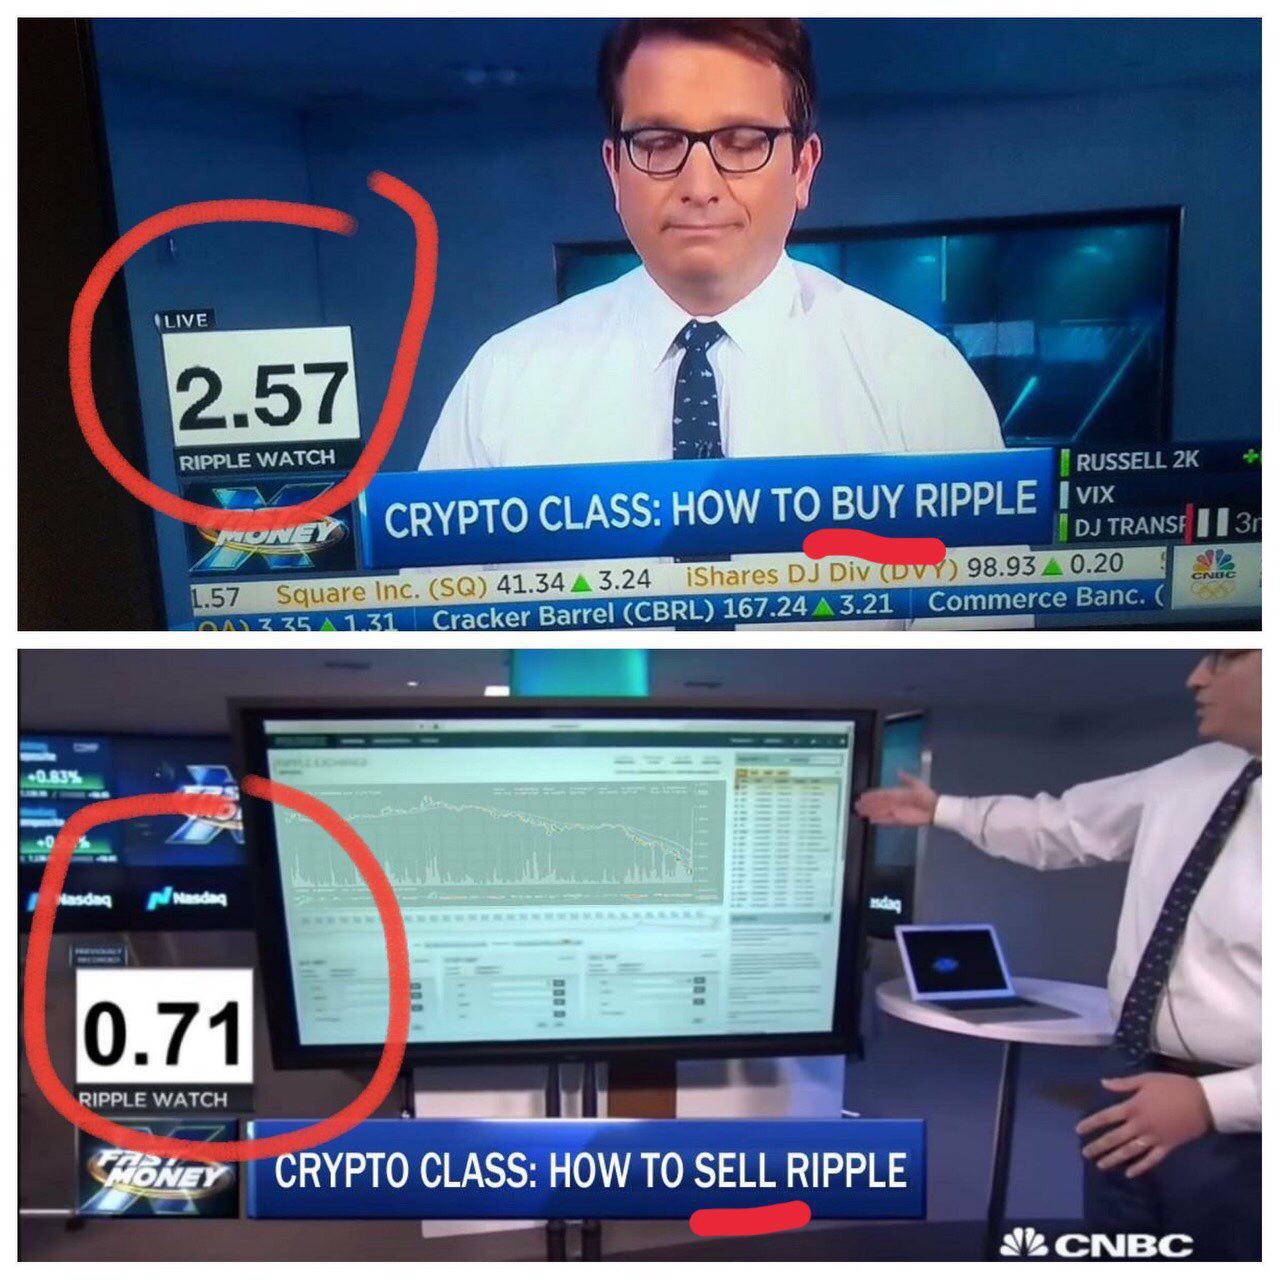 финансовые новости по тв